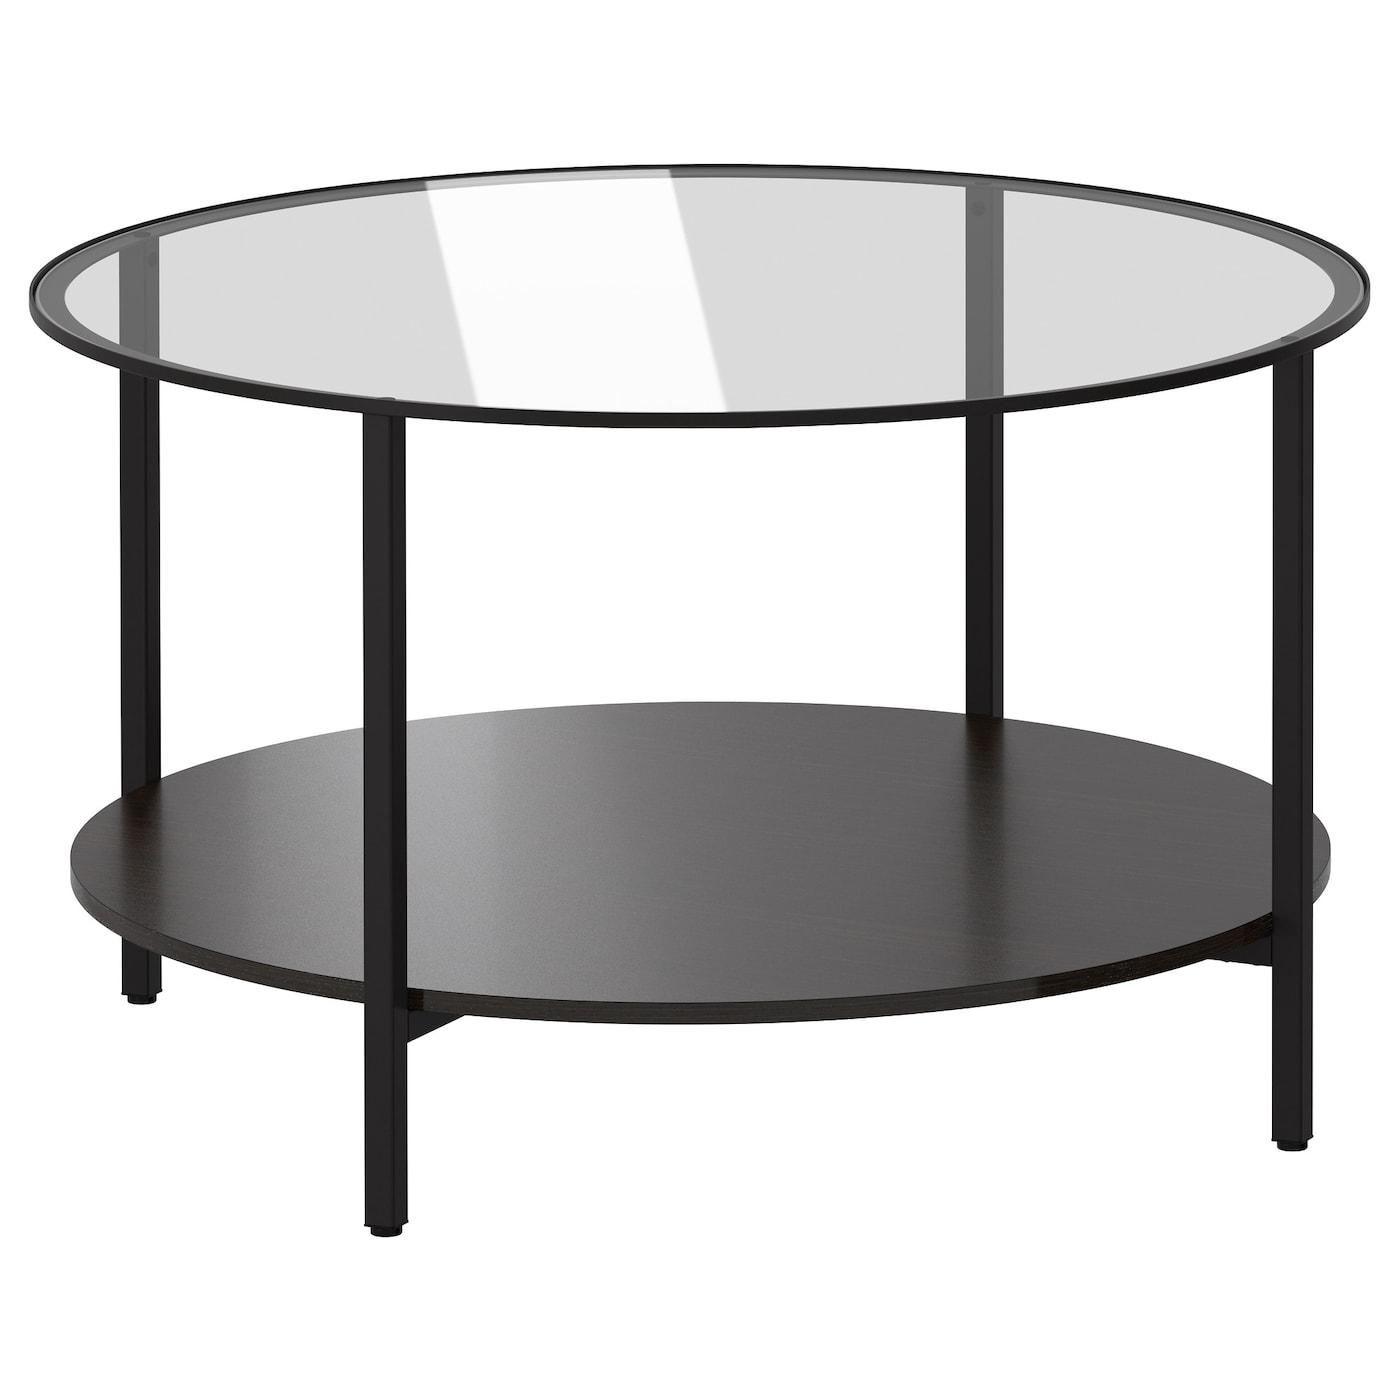 IKEA VITTSJÖ czarnobrązowy, okrągły stolik ze szklanym blatem, średnica 75 cm